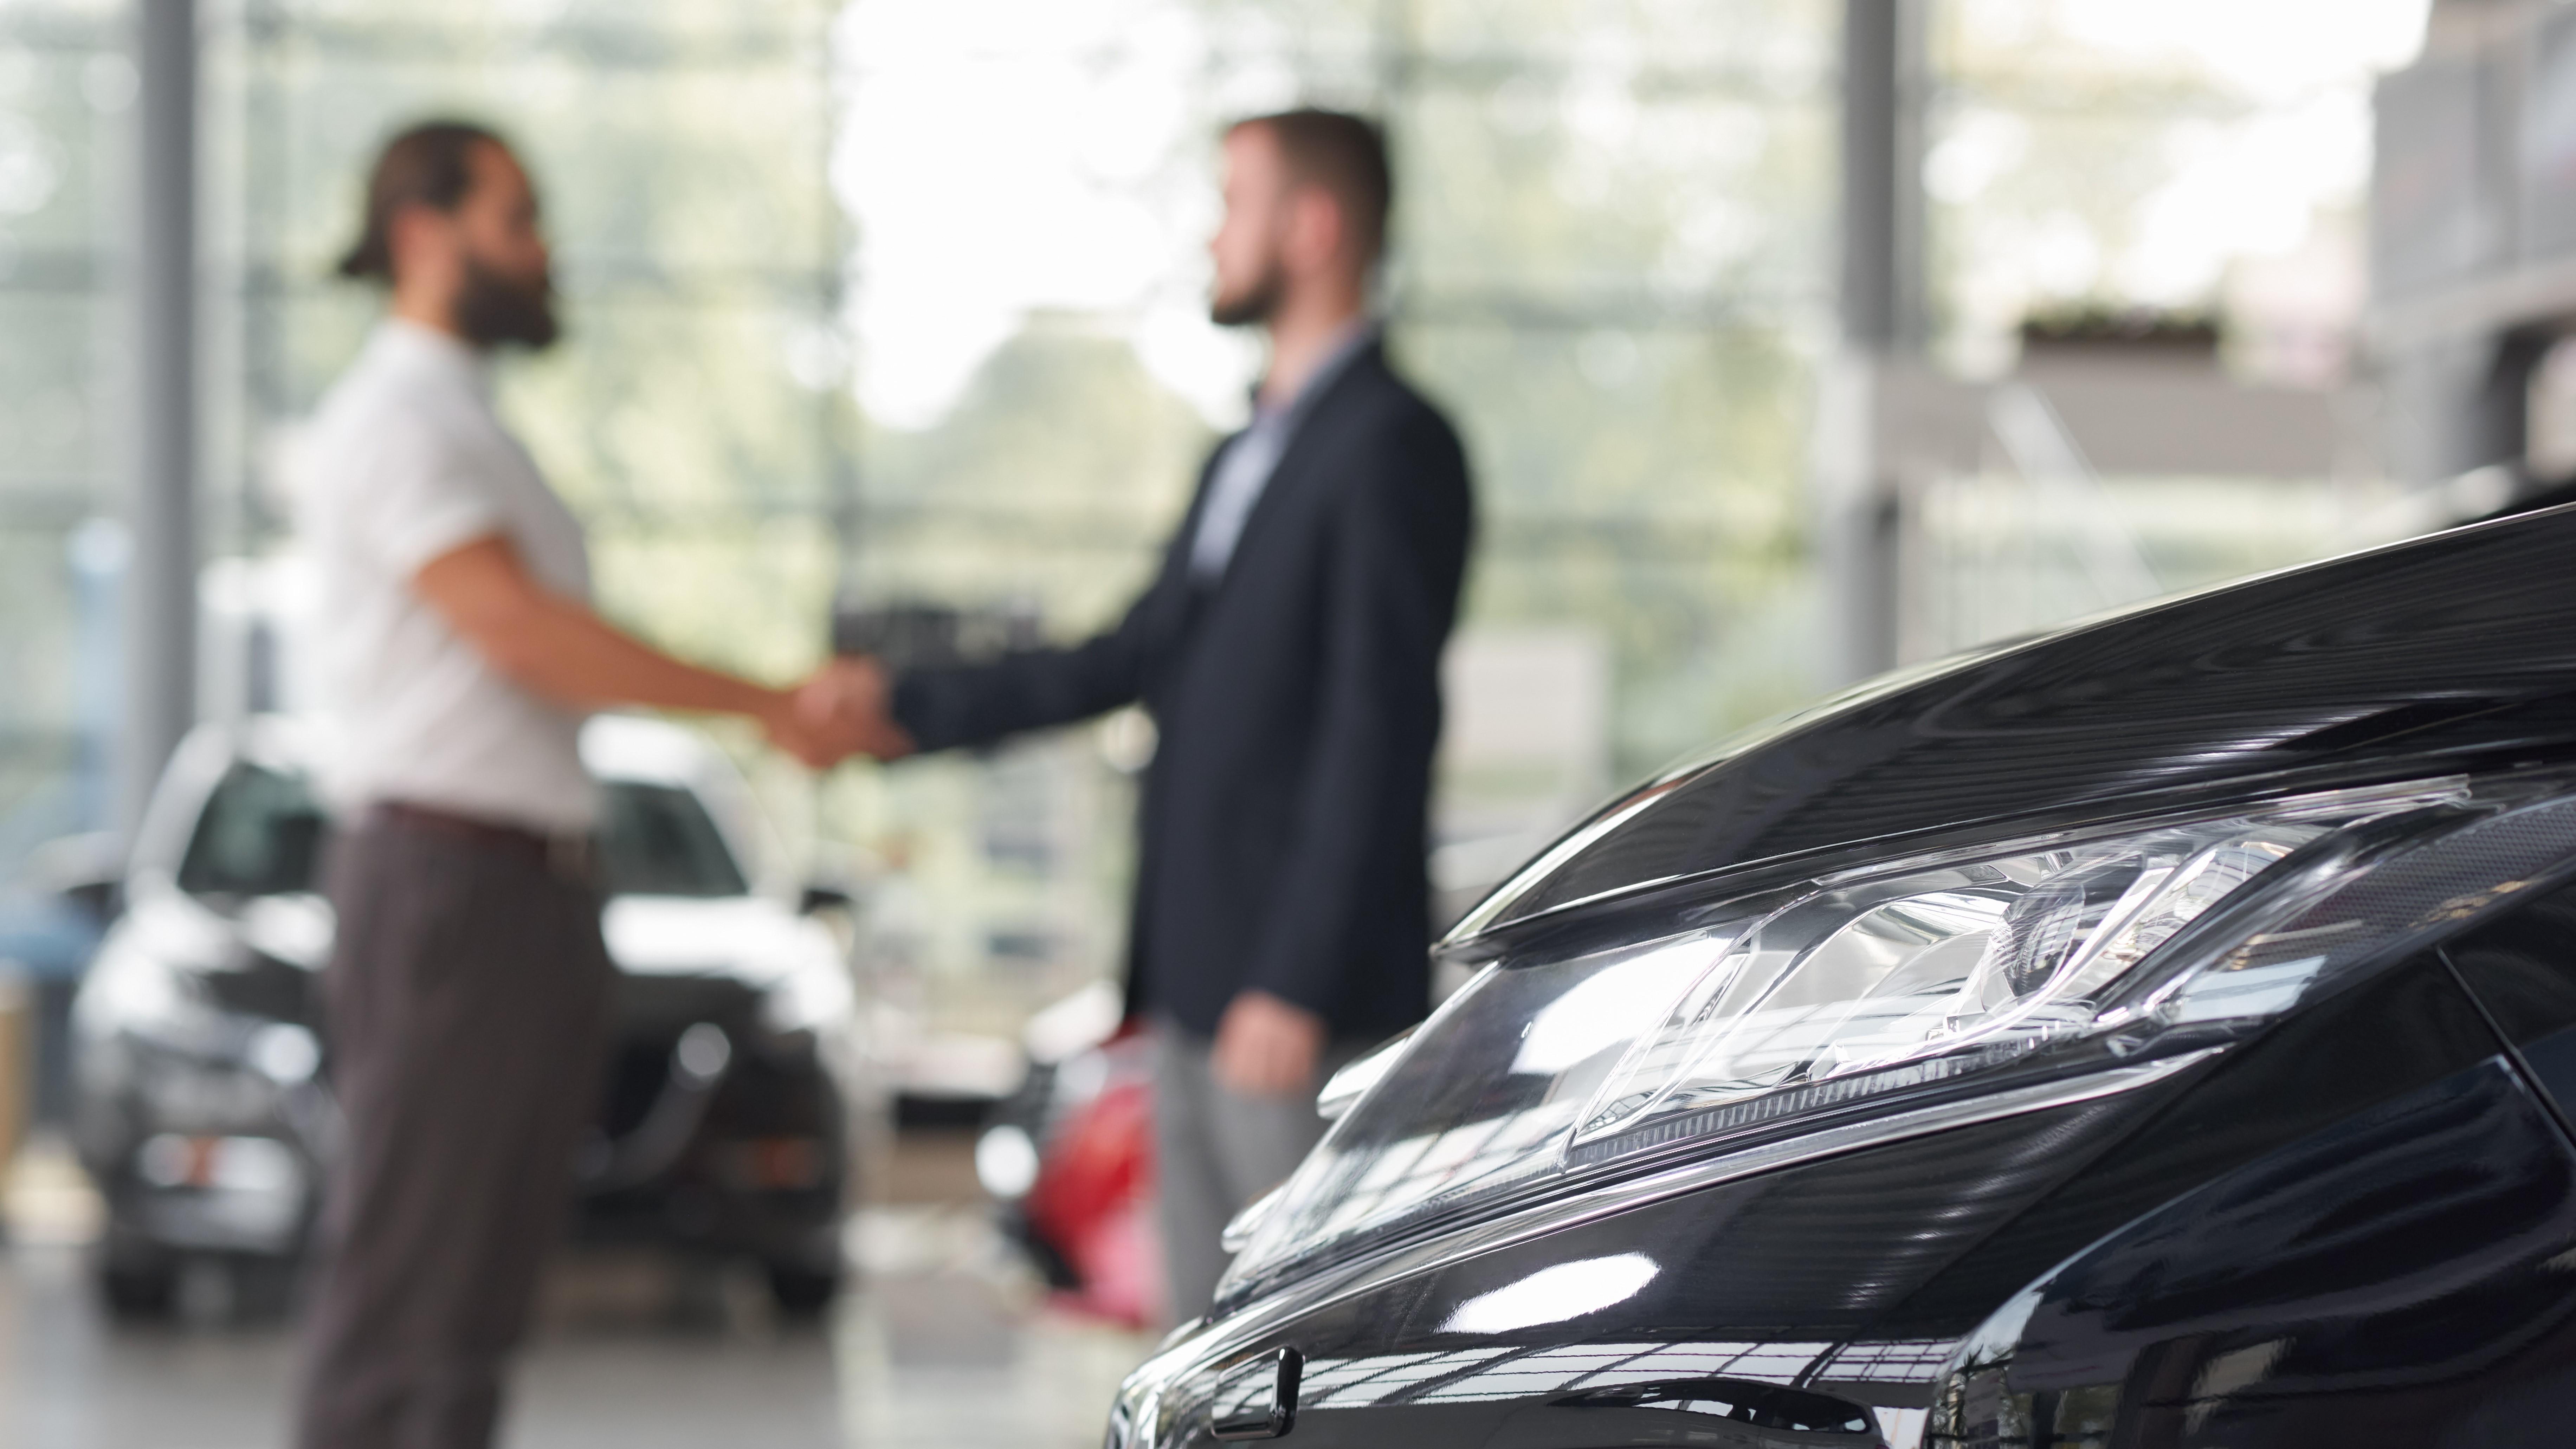 Comment augmenter sa visibilité et son efficacité en vente indirecte ?